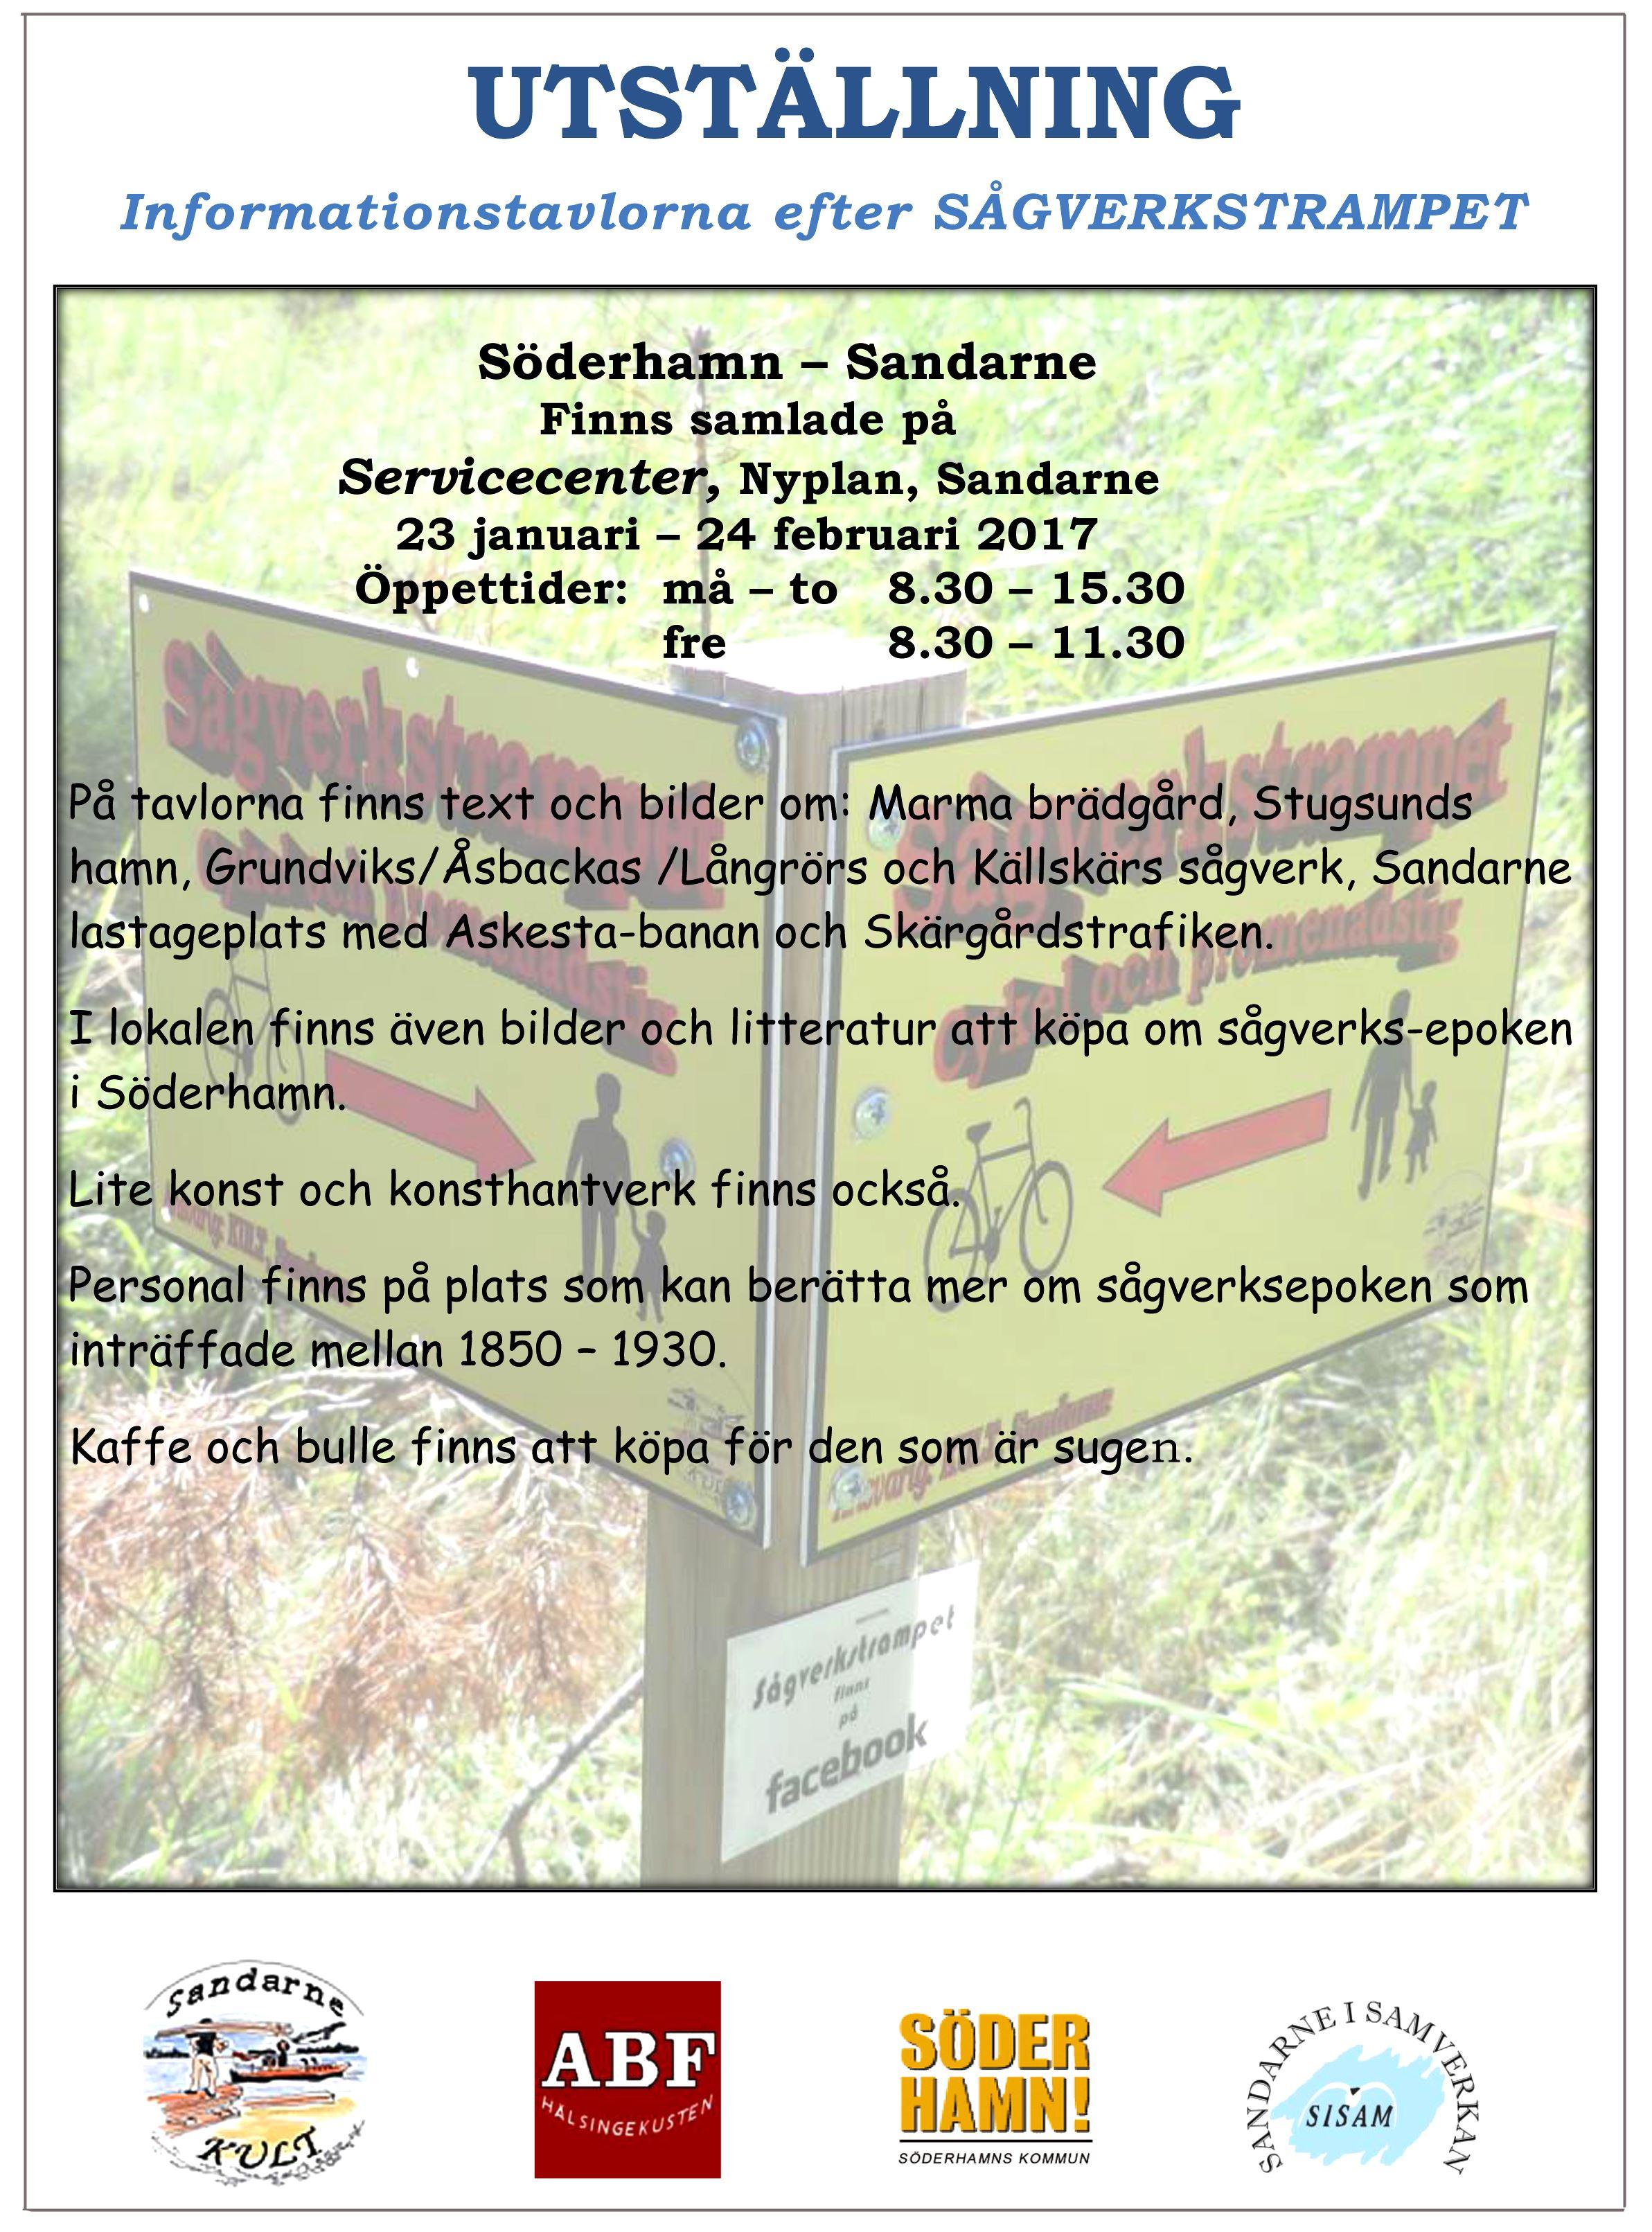 Utställning - Informationstavlorna vid Sågverkstrampet